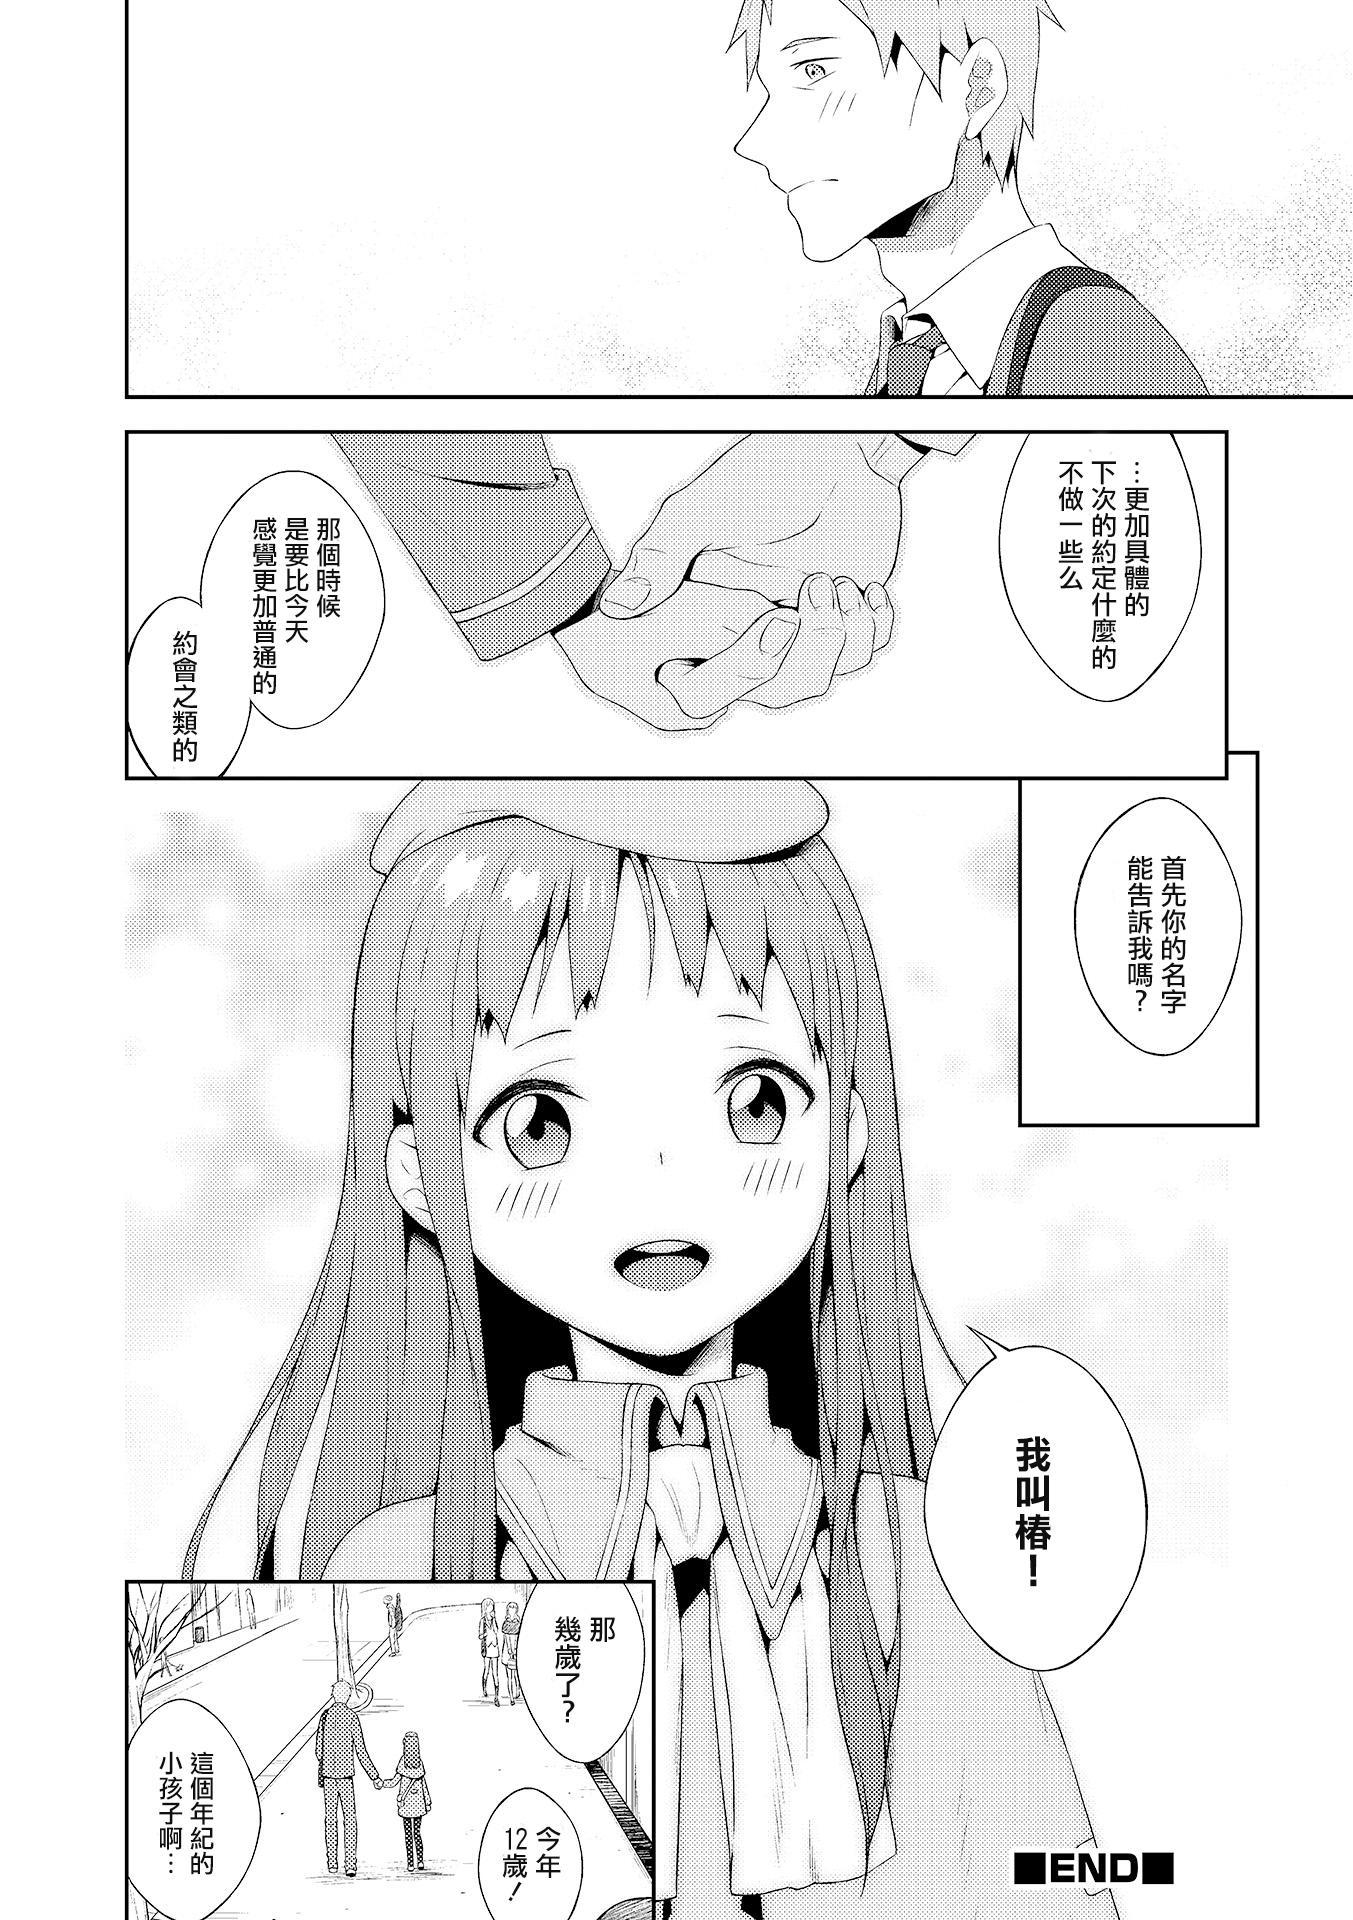 Otokonoko wa Kirai desu ka? 19